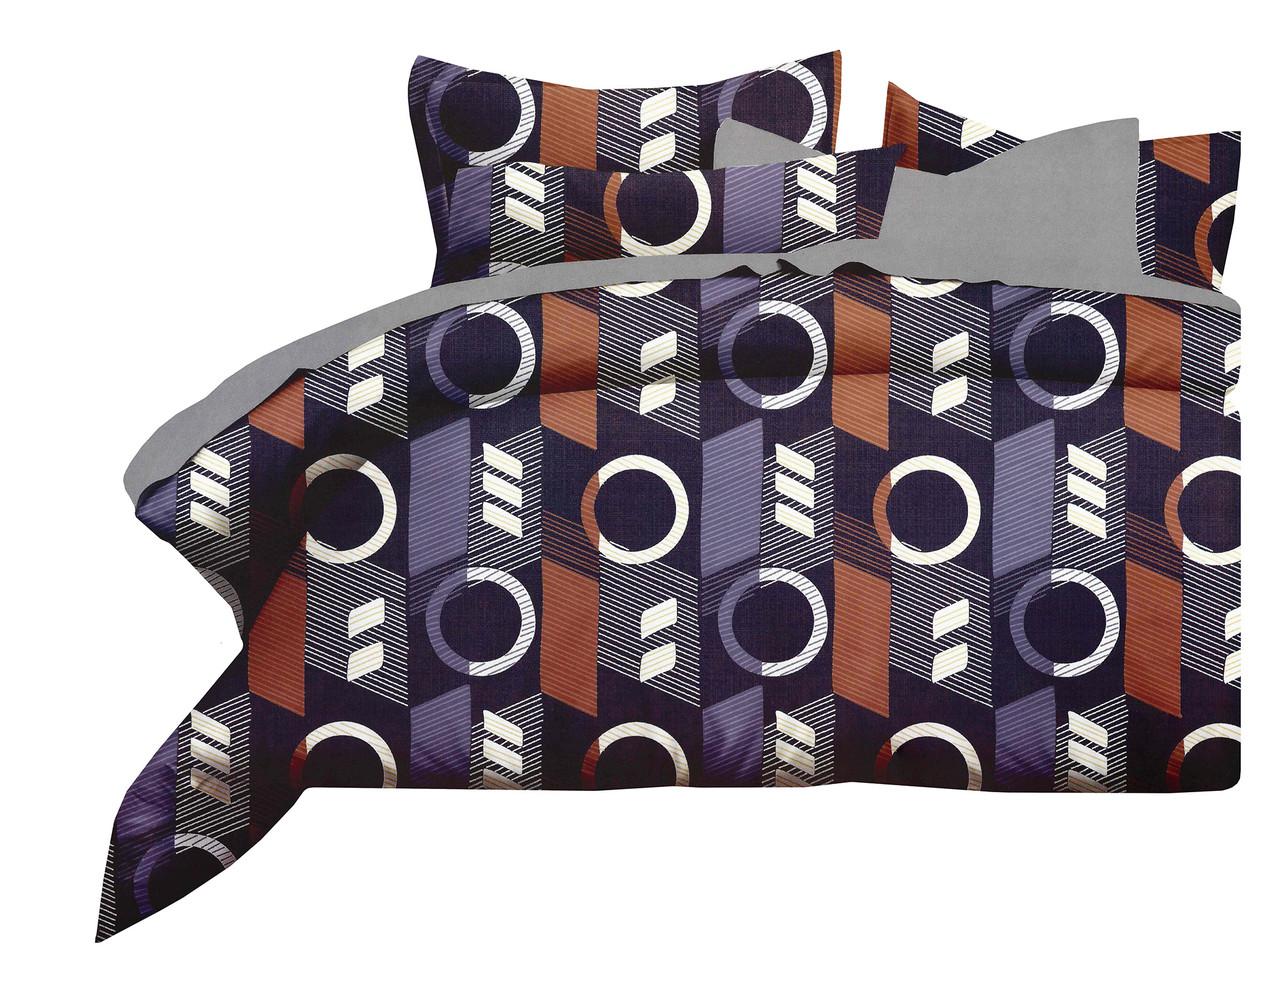 Комплект постельного белья Микроволокно HXDD-774 M&M 4112 Коричневый, Фиолетовый